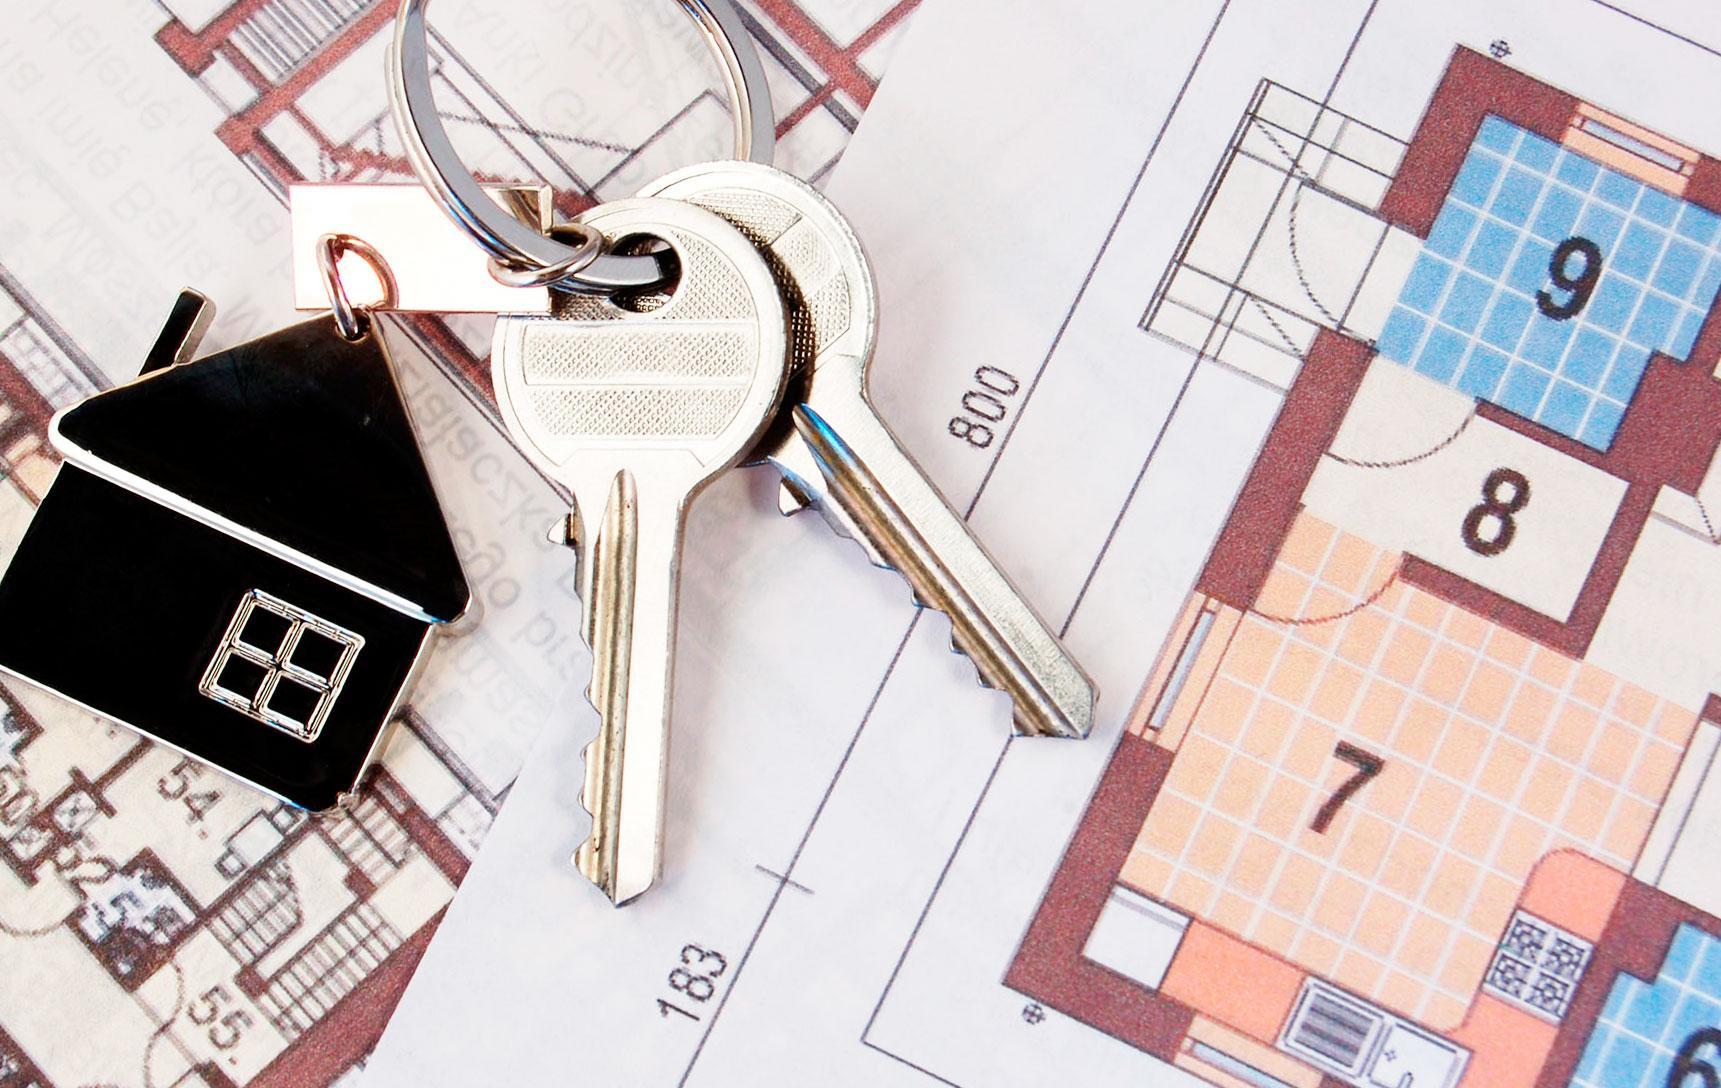 Как правильно оформить завещание на квартиру и сколько это стоит в России